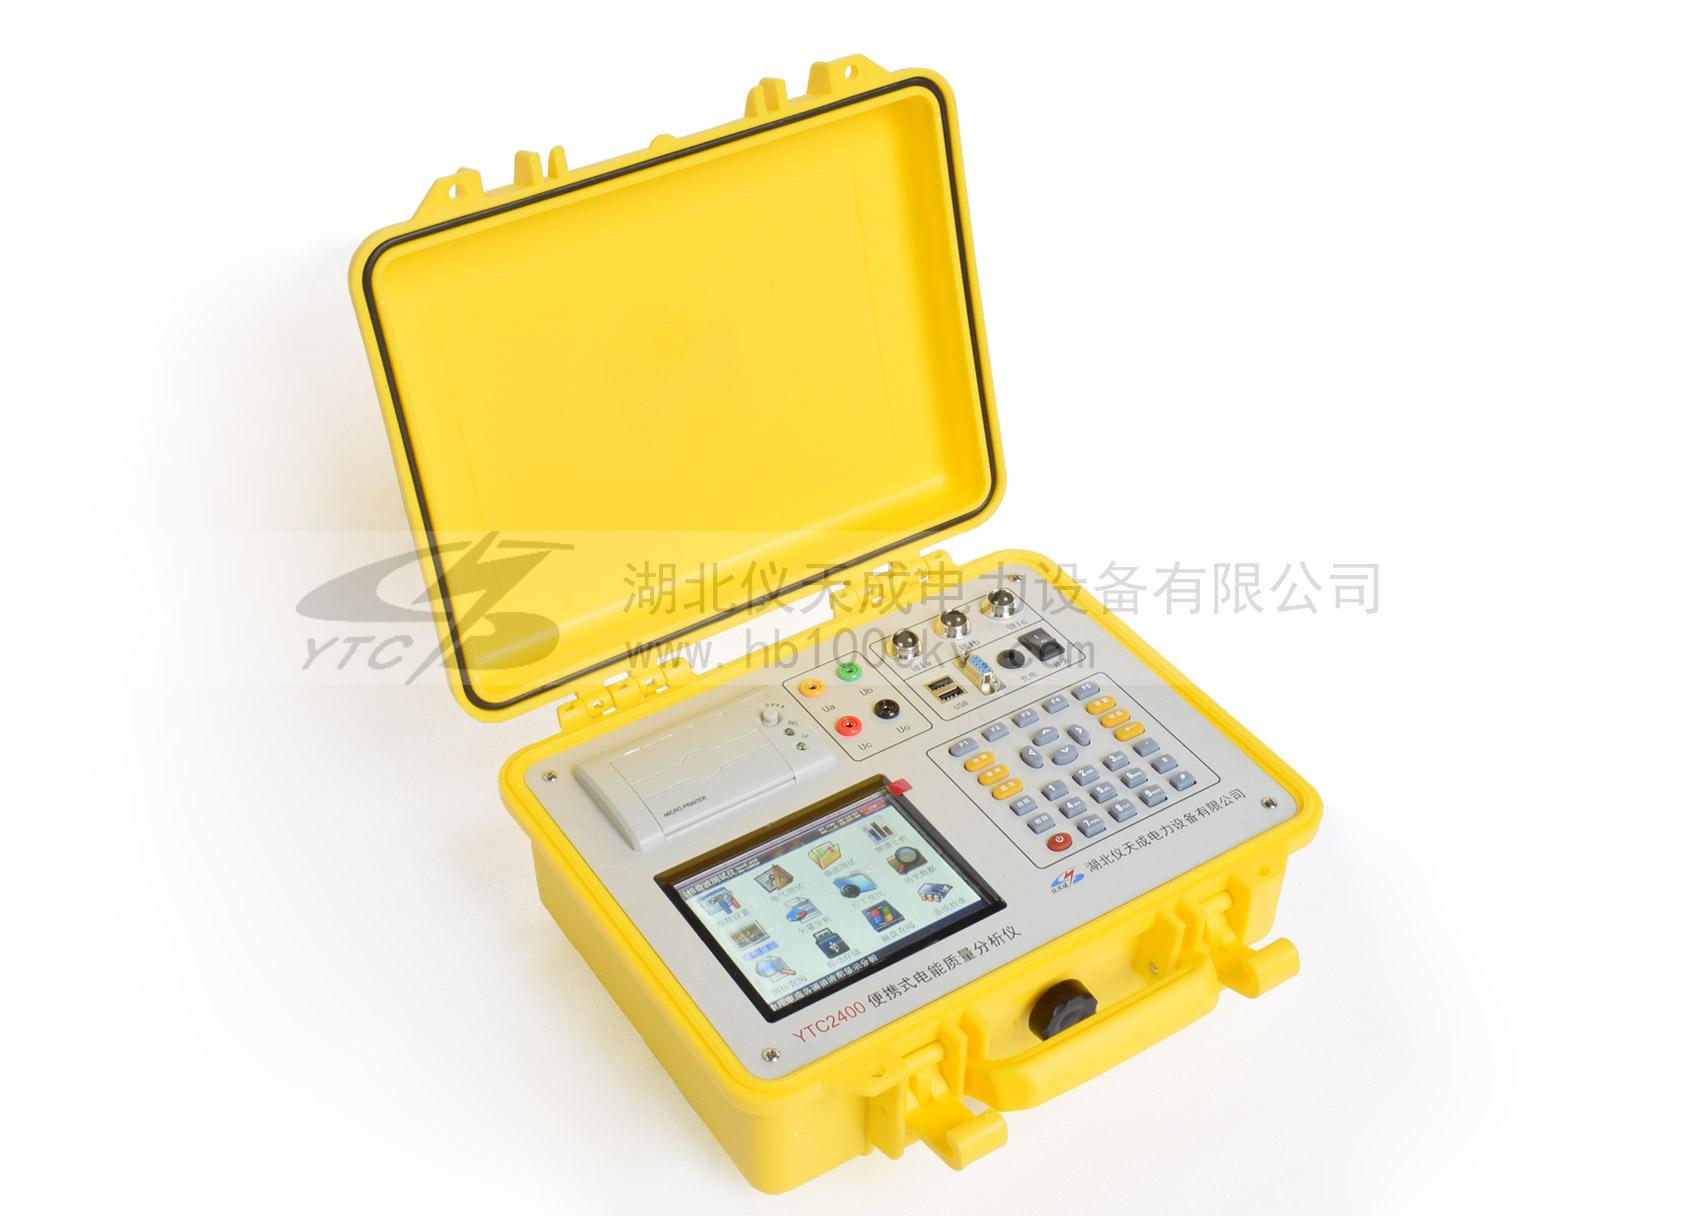 YTC2400便攜式電能質量分析儀